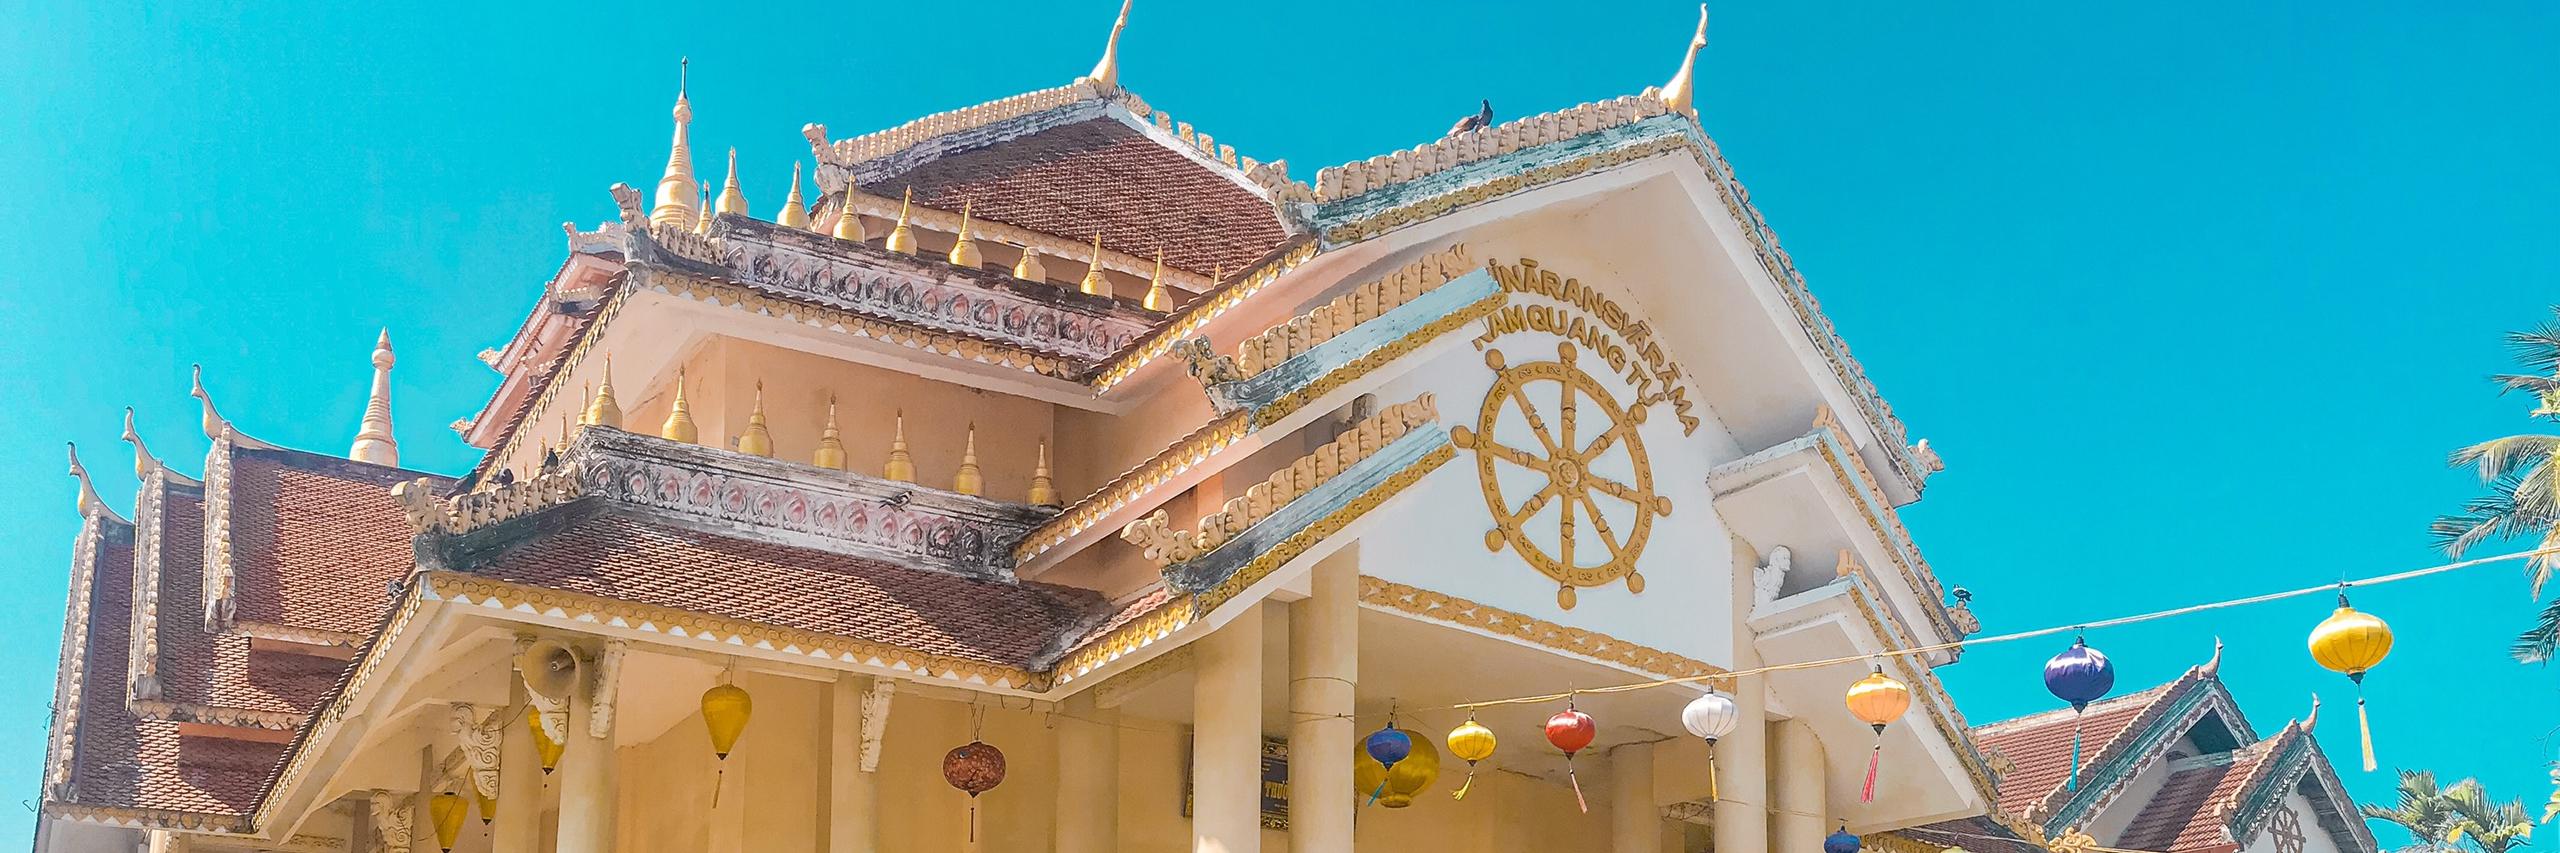 https://gody.vn/blog/congchua_mauhong803174/post/khung-troi-thai-lan-thu-nho-o-giua-hoi-an-8452